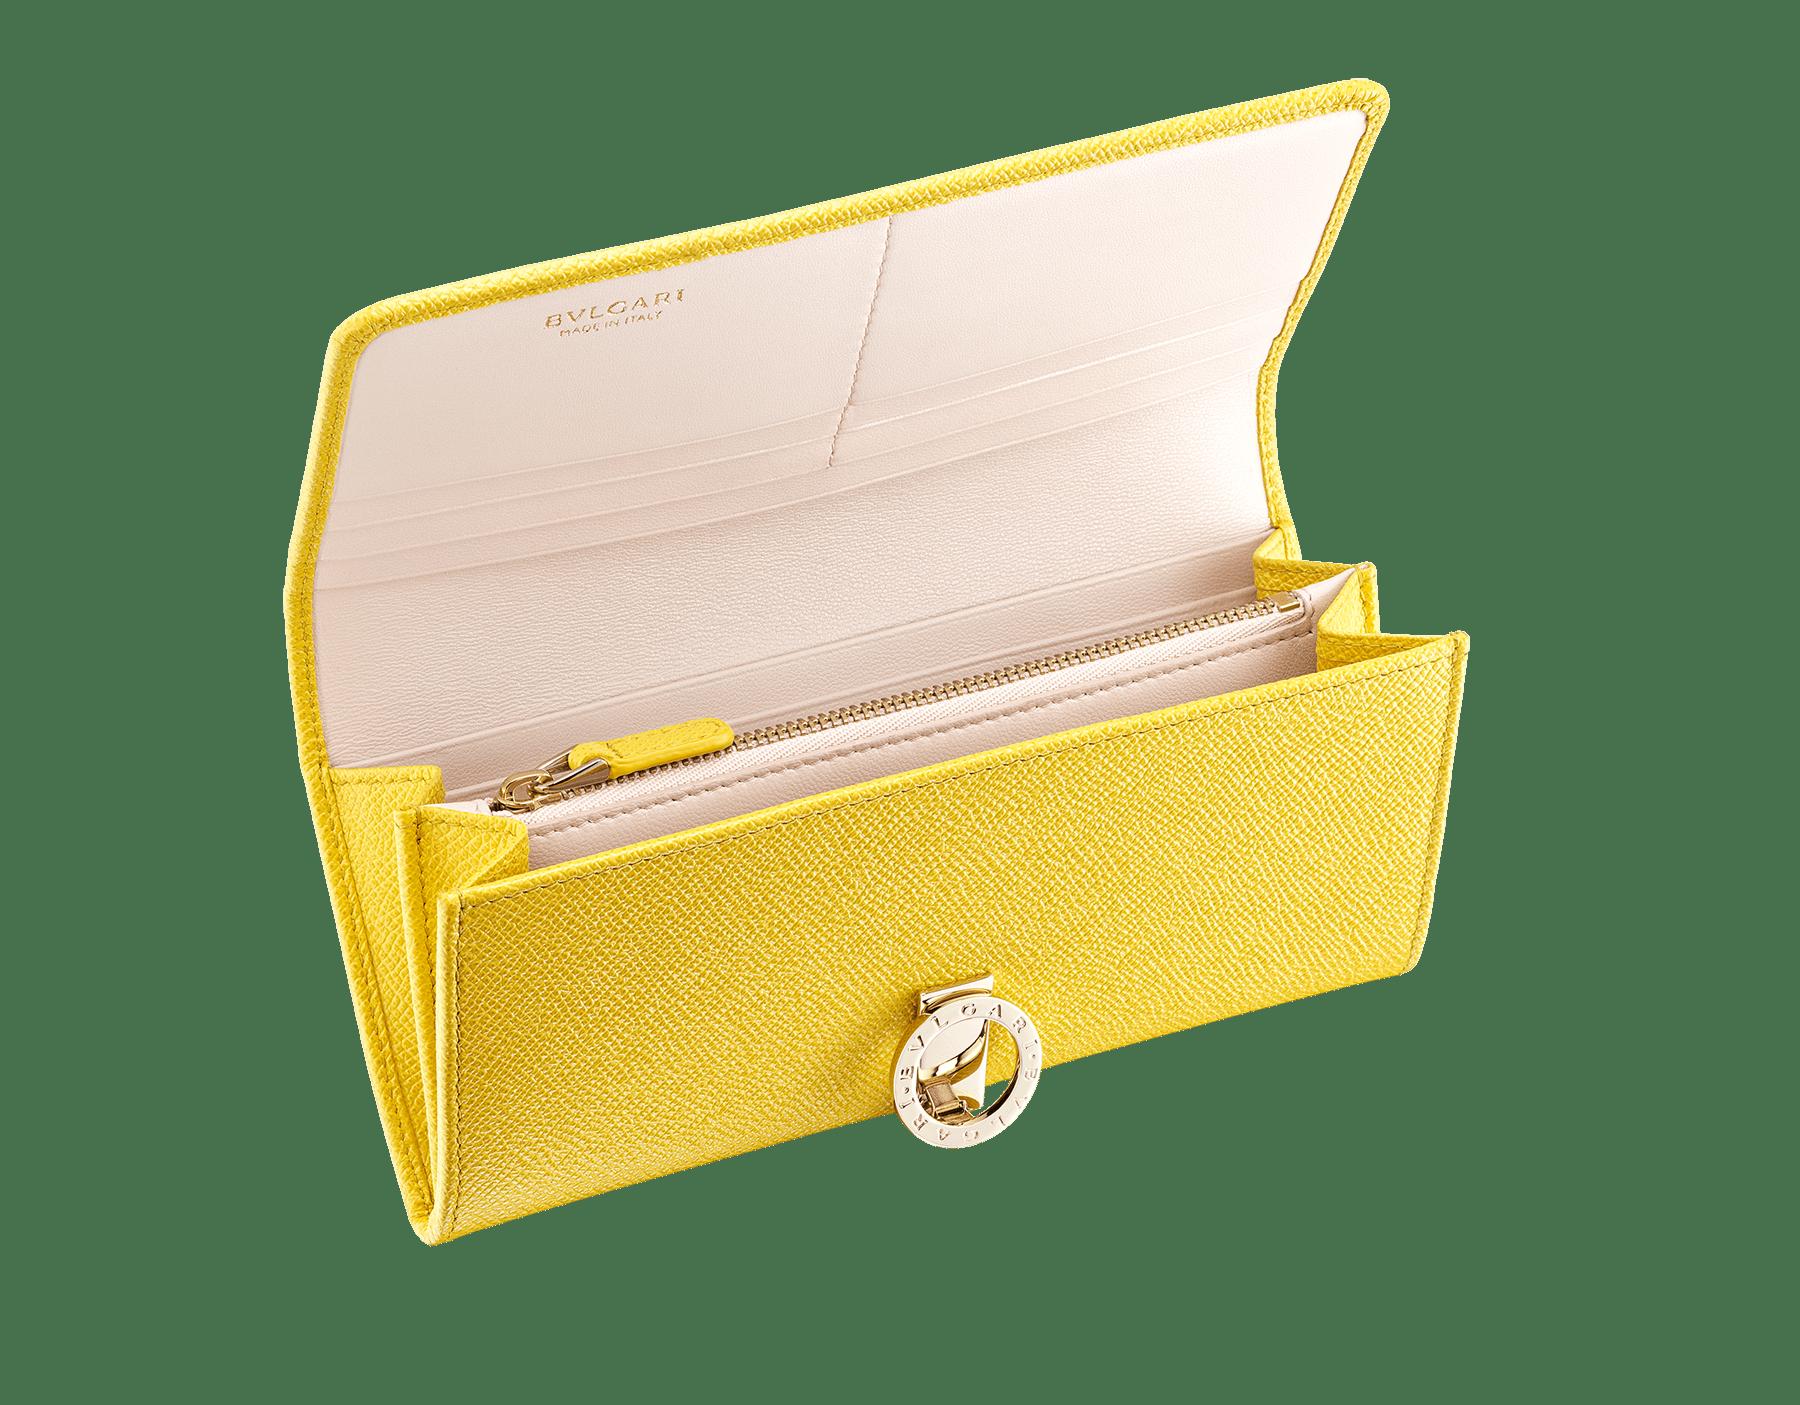 Großes BVLGARI BVLGARI Portemonnaie aus genarbtem Kalbsleder in Taffy Quartz und turmalinfarbenem Nappaleder. Ikonische Verschlussklammer mit Logo aus hell vergoldetem Messing. 579-WLT-SLI-POC-CLb image 2